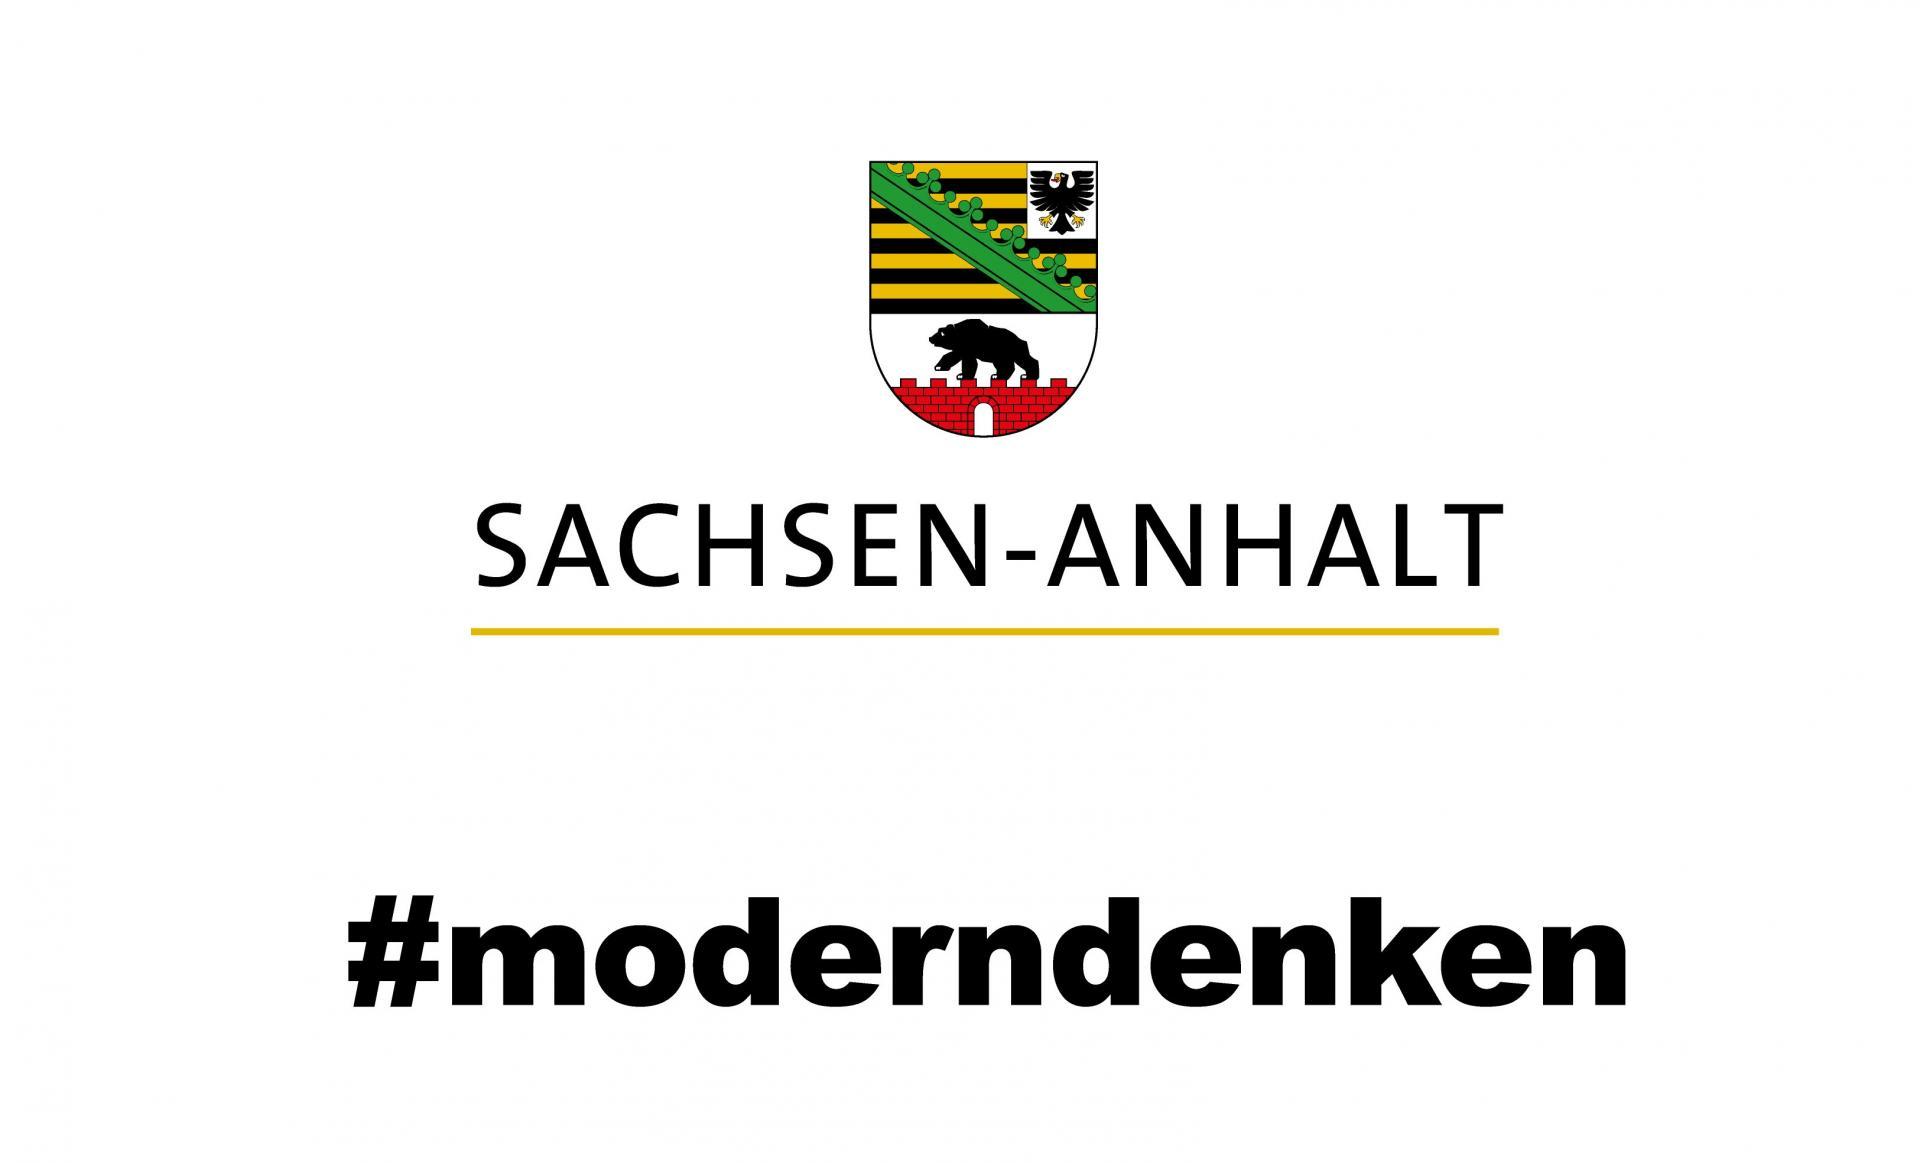 Land Sachsen-Anhalt